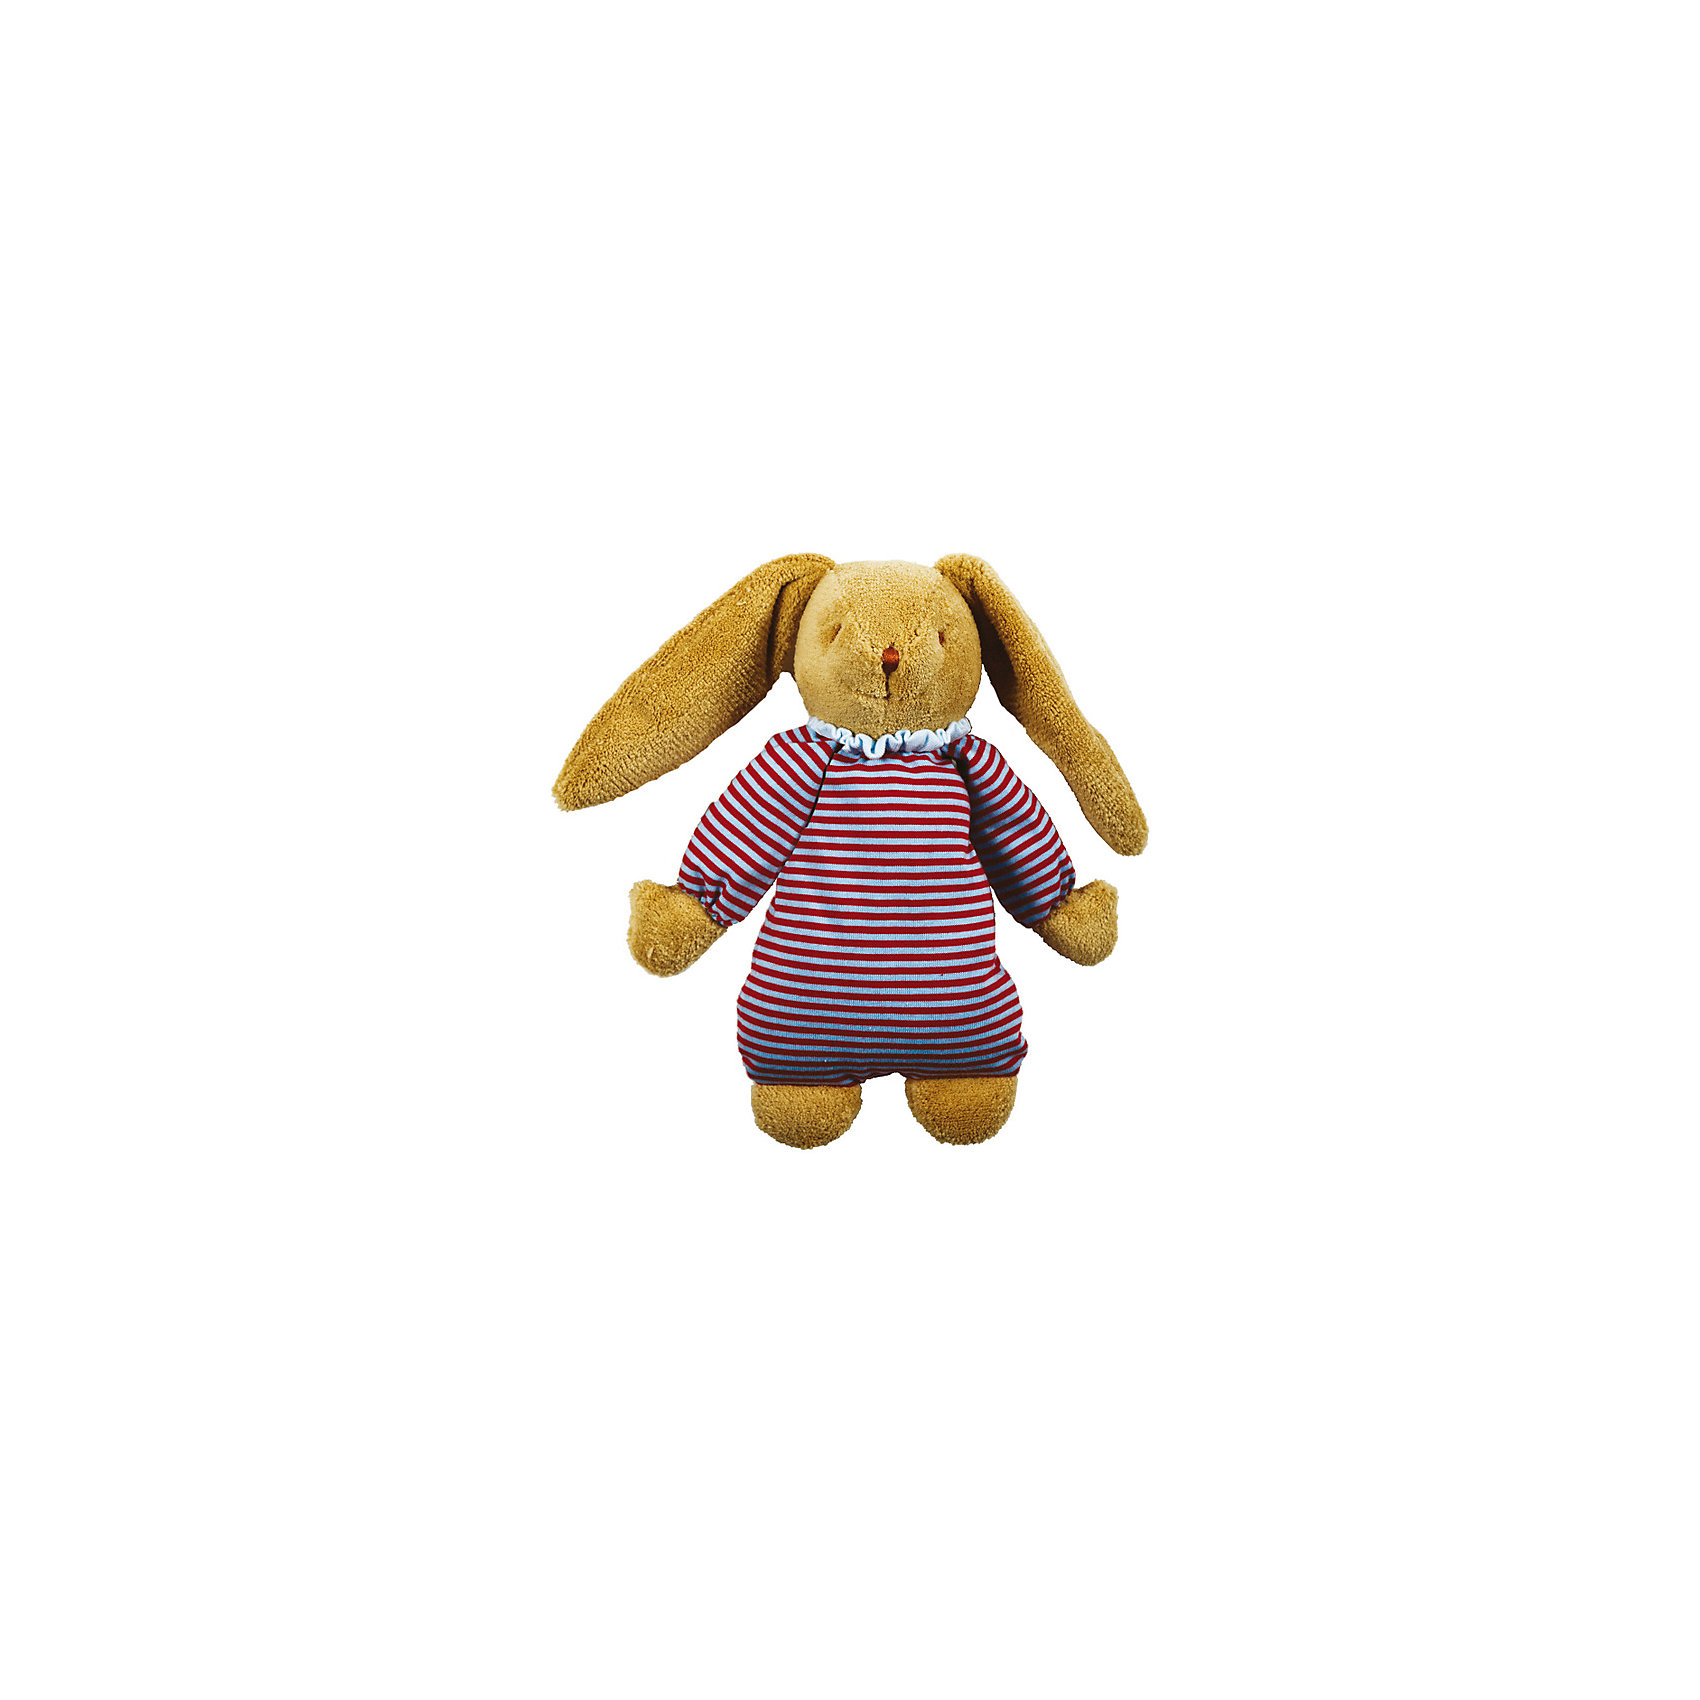 TROUSSELIER Мягкая игрушка Зайка с музыкой, в полоску, 25см, Trousselier trousselier мягкая игрушка зайка с музыкой розовый 25см trousselier page 2